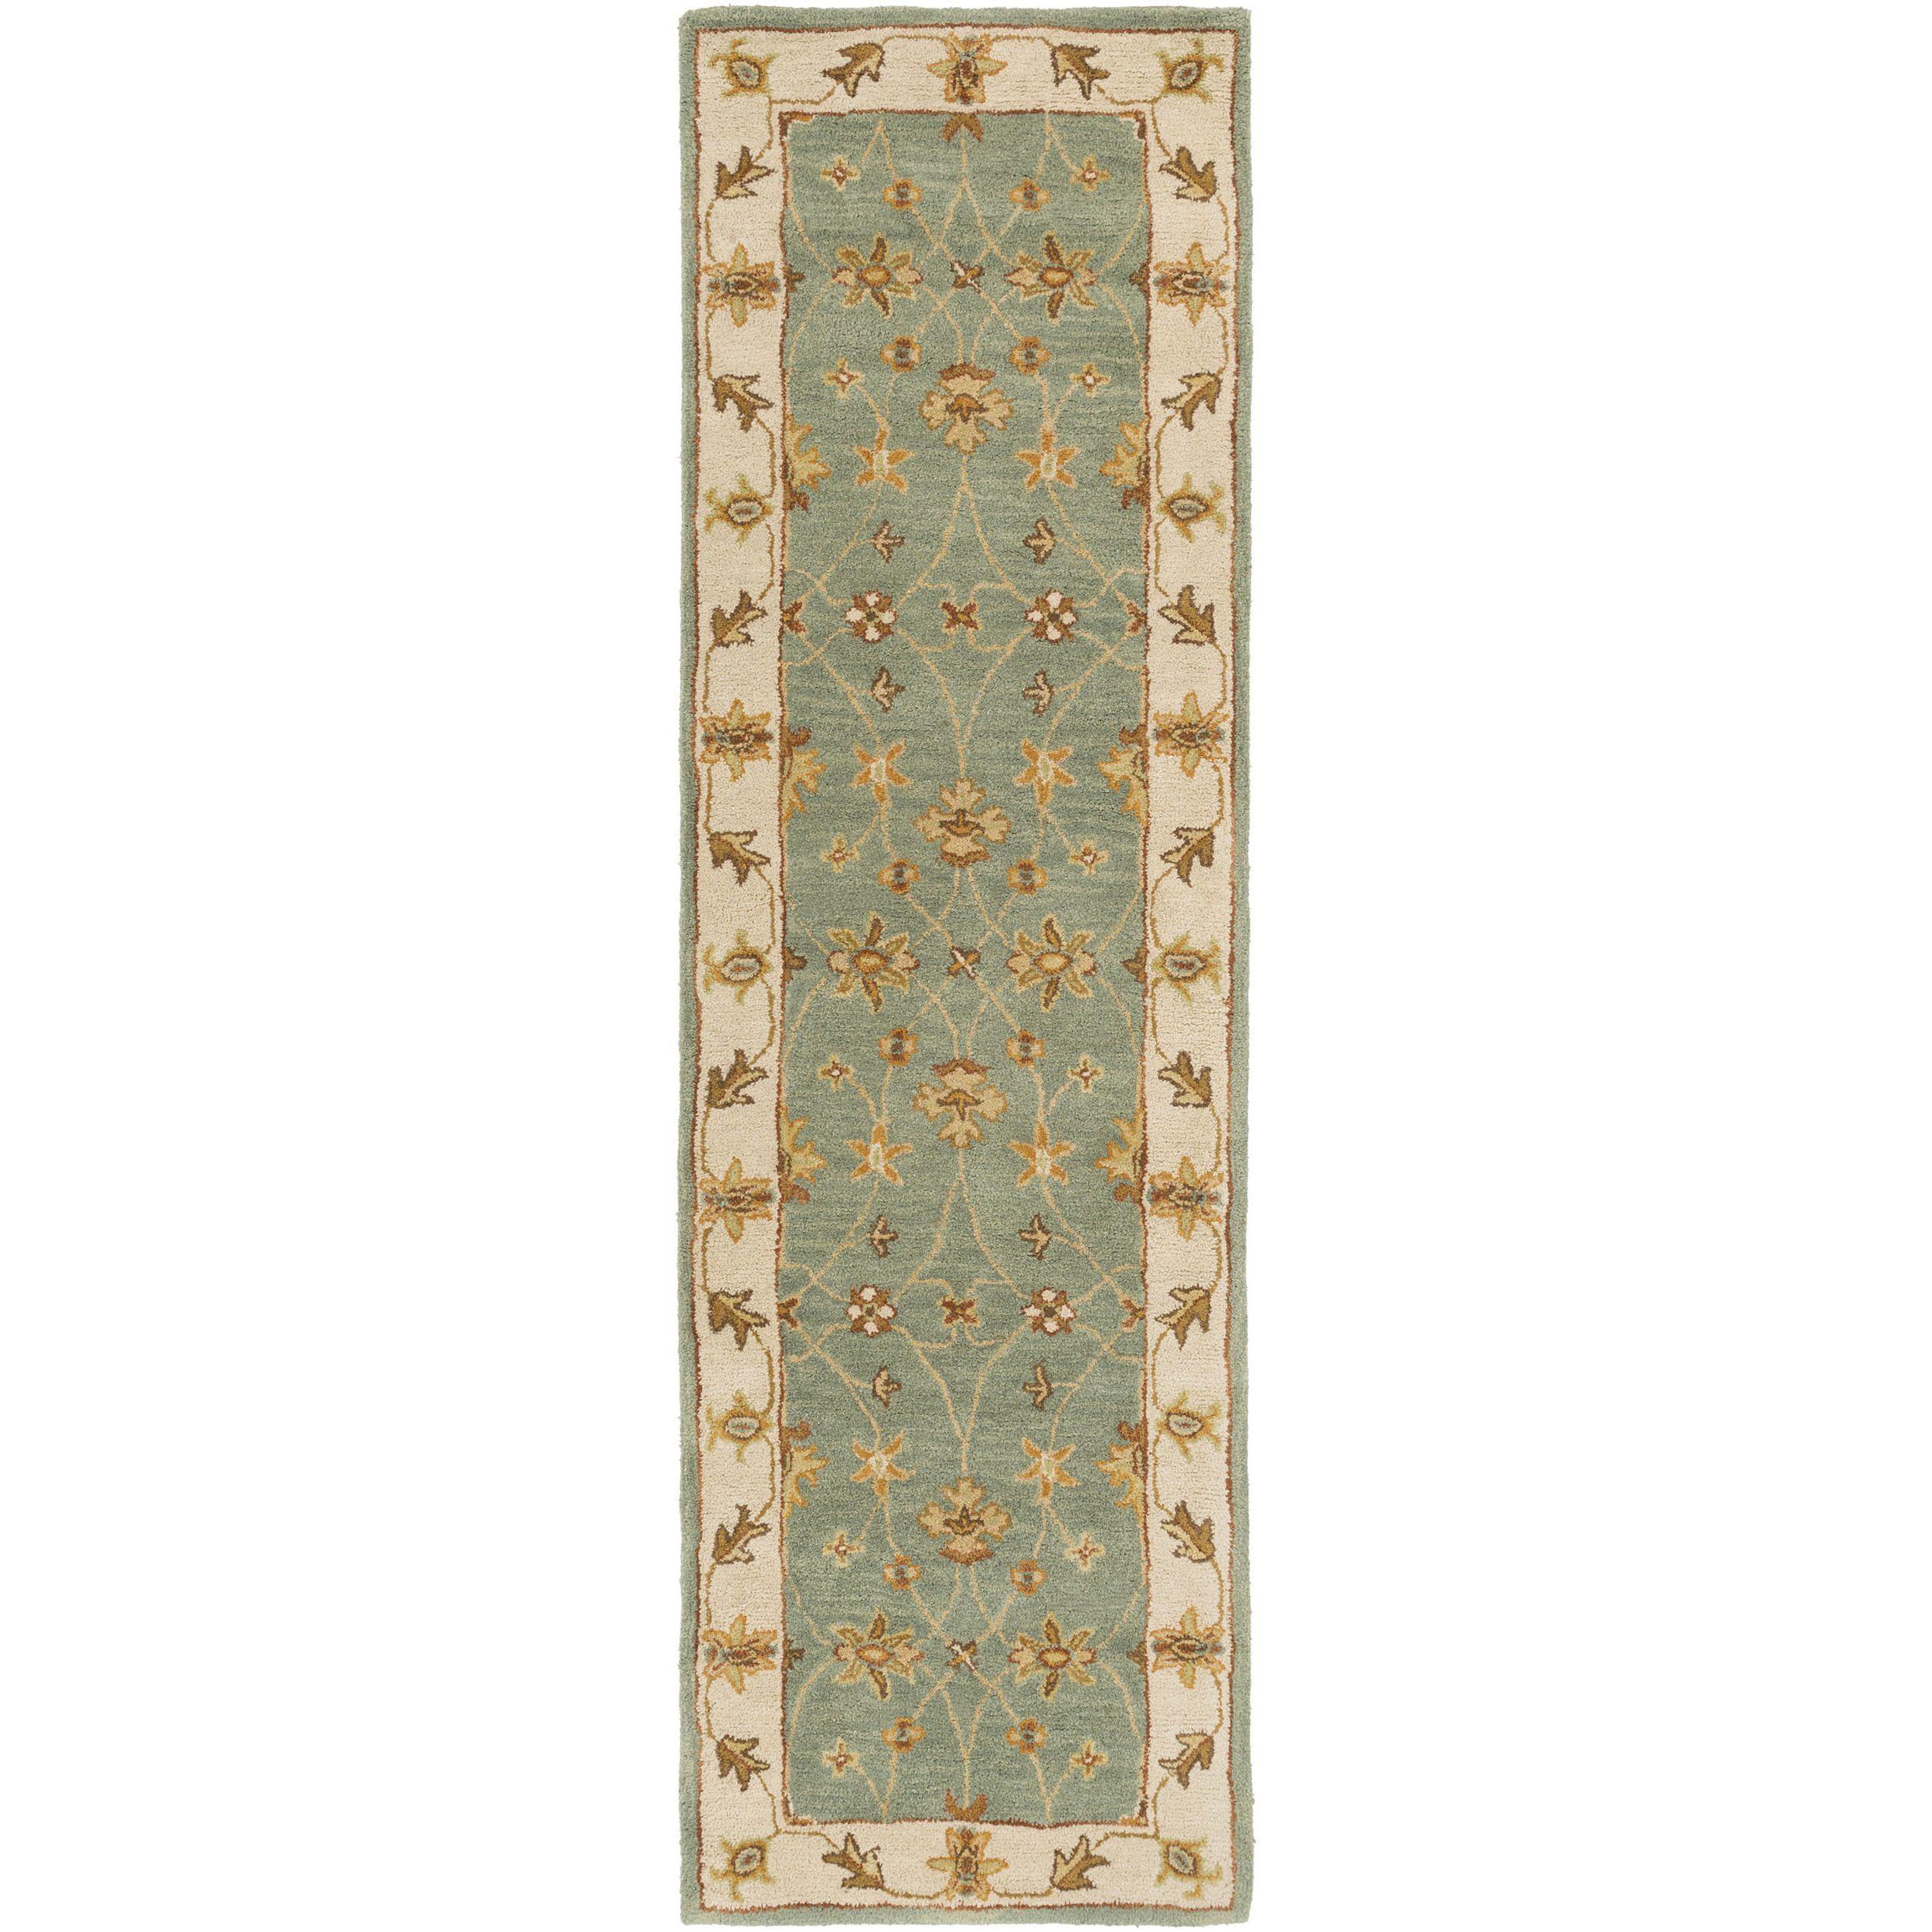 Surya Hand-Tufted Isamu Bordered Wool Rug (2'3 x 14') (Green-(2'3x14')), Green, Size 2' x 14'